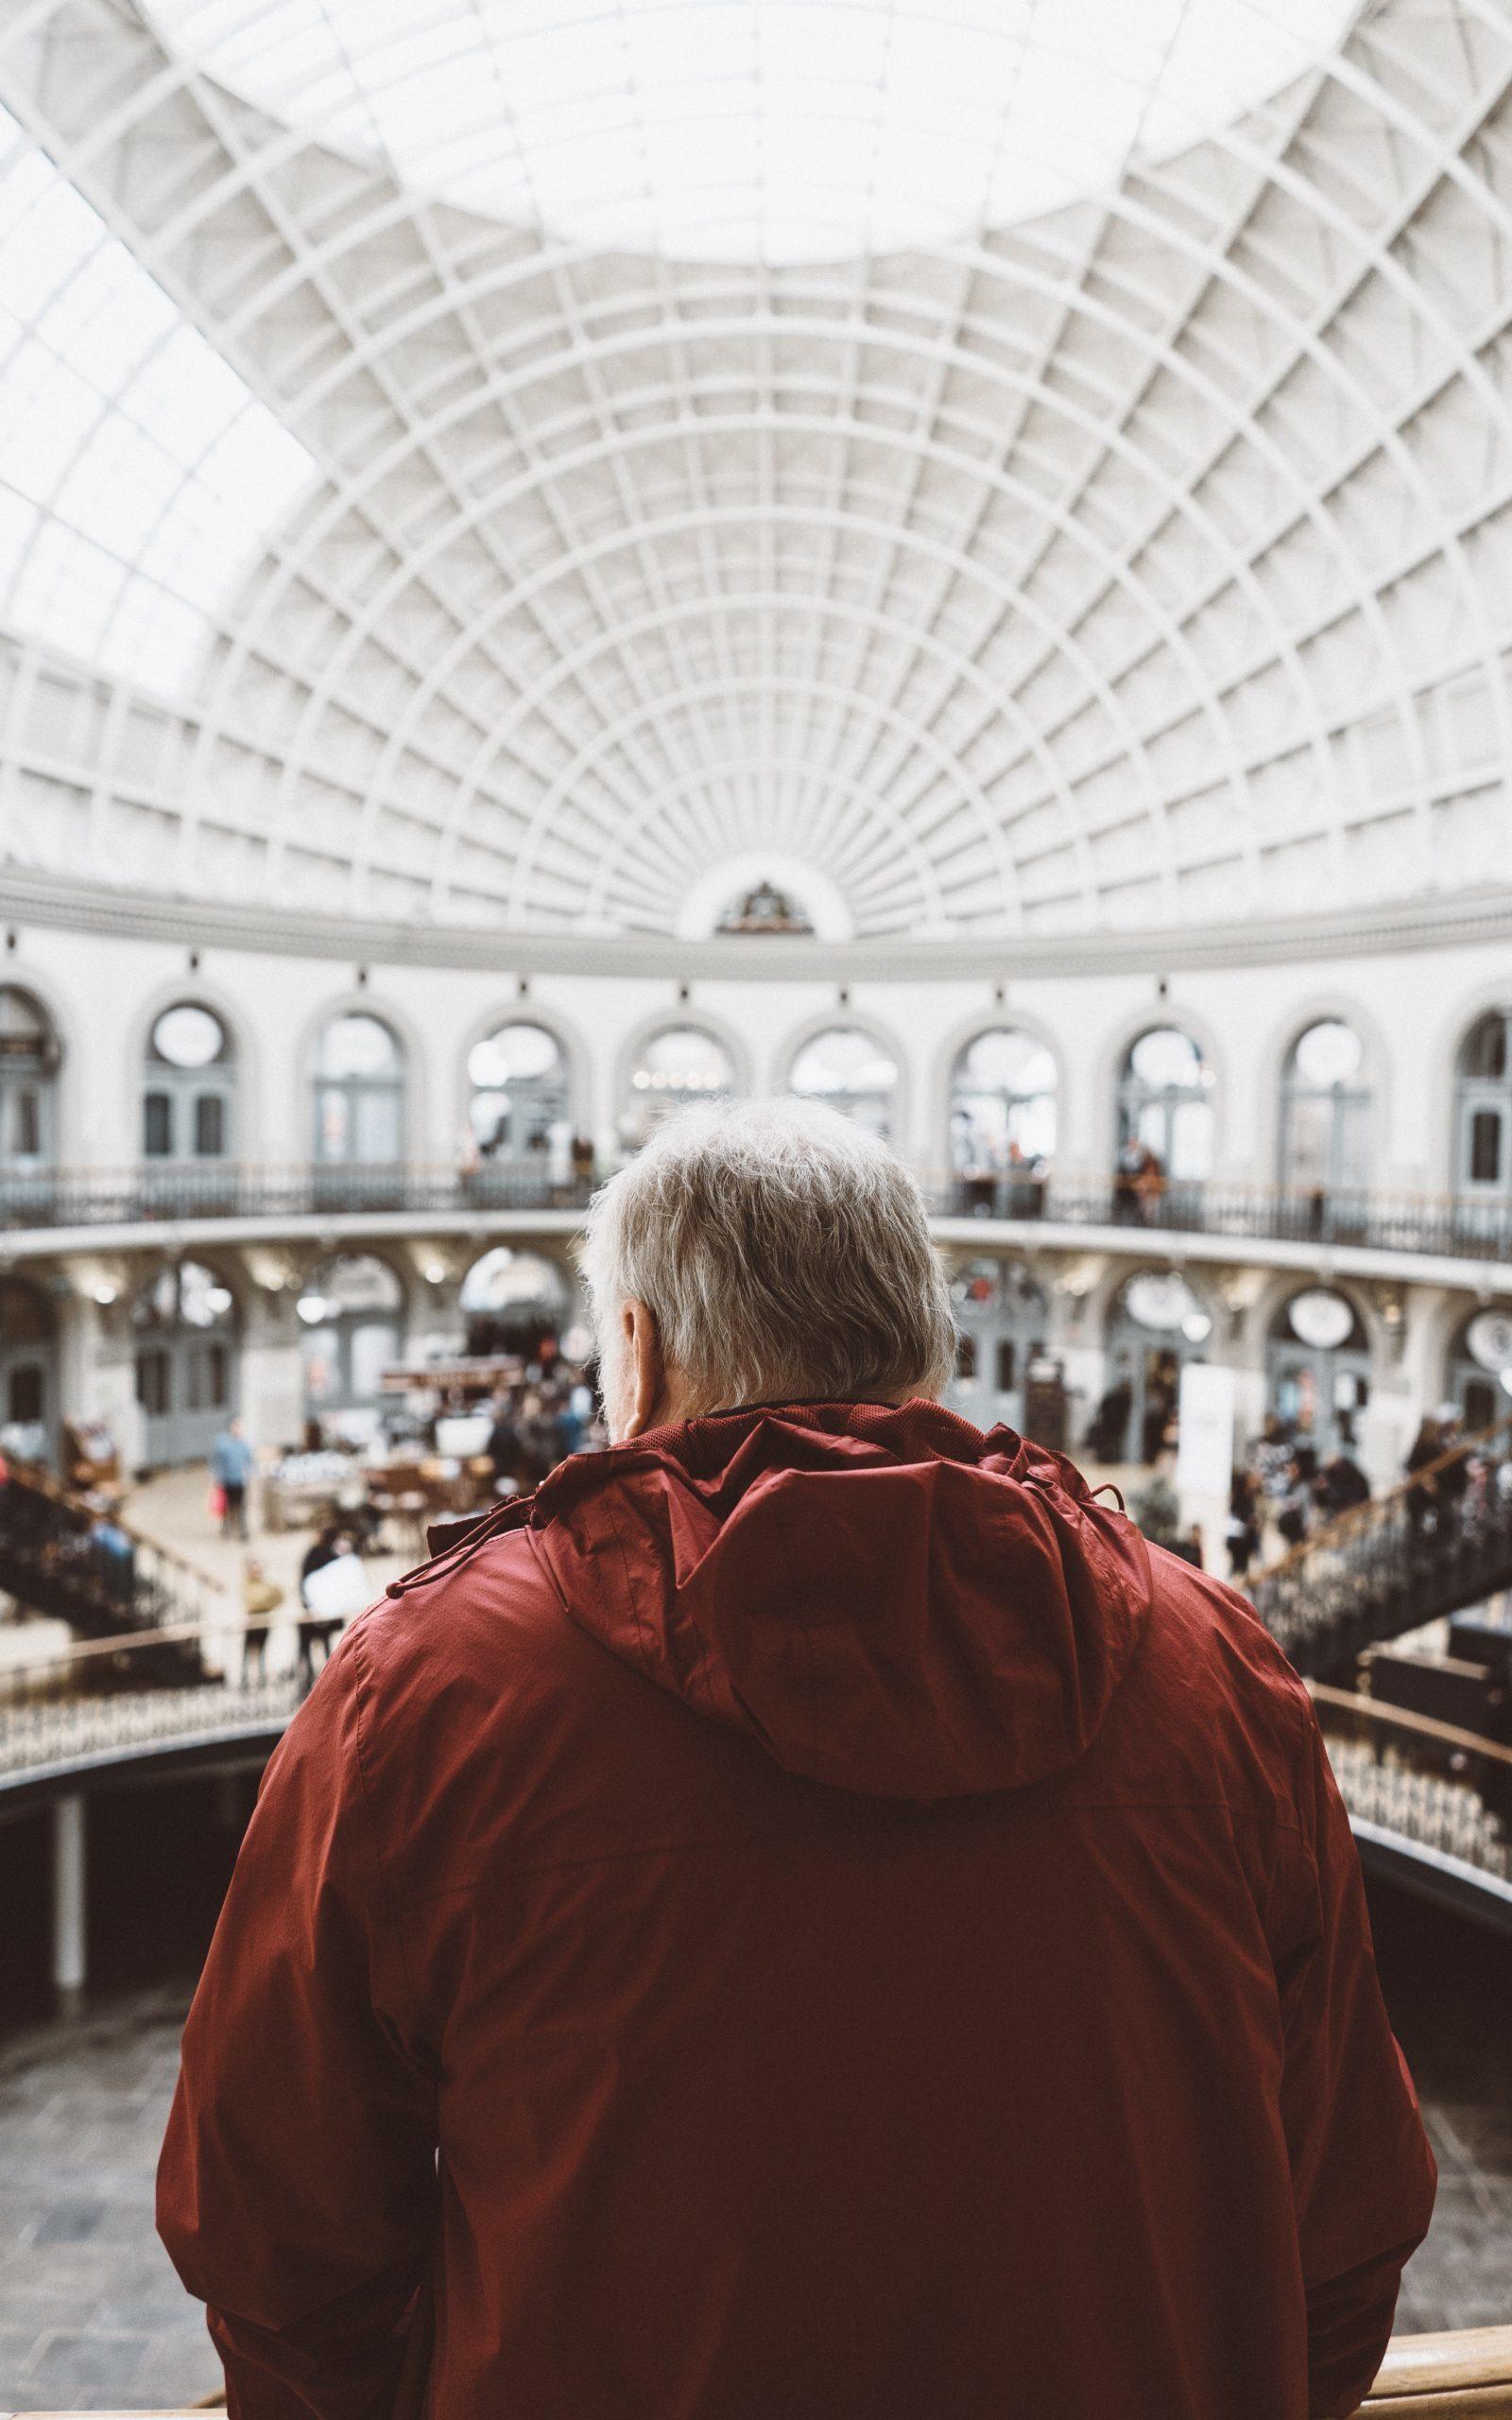 Człowiek na tle rynku